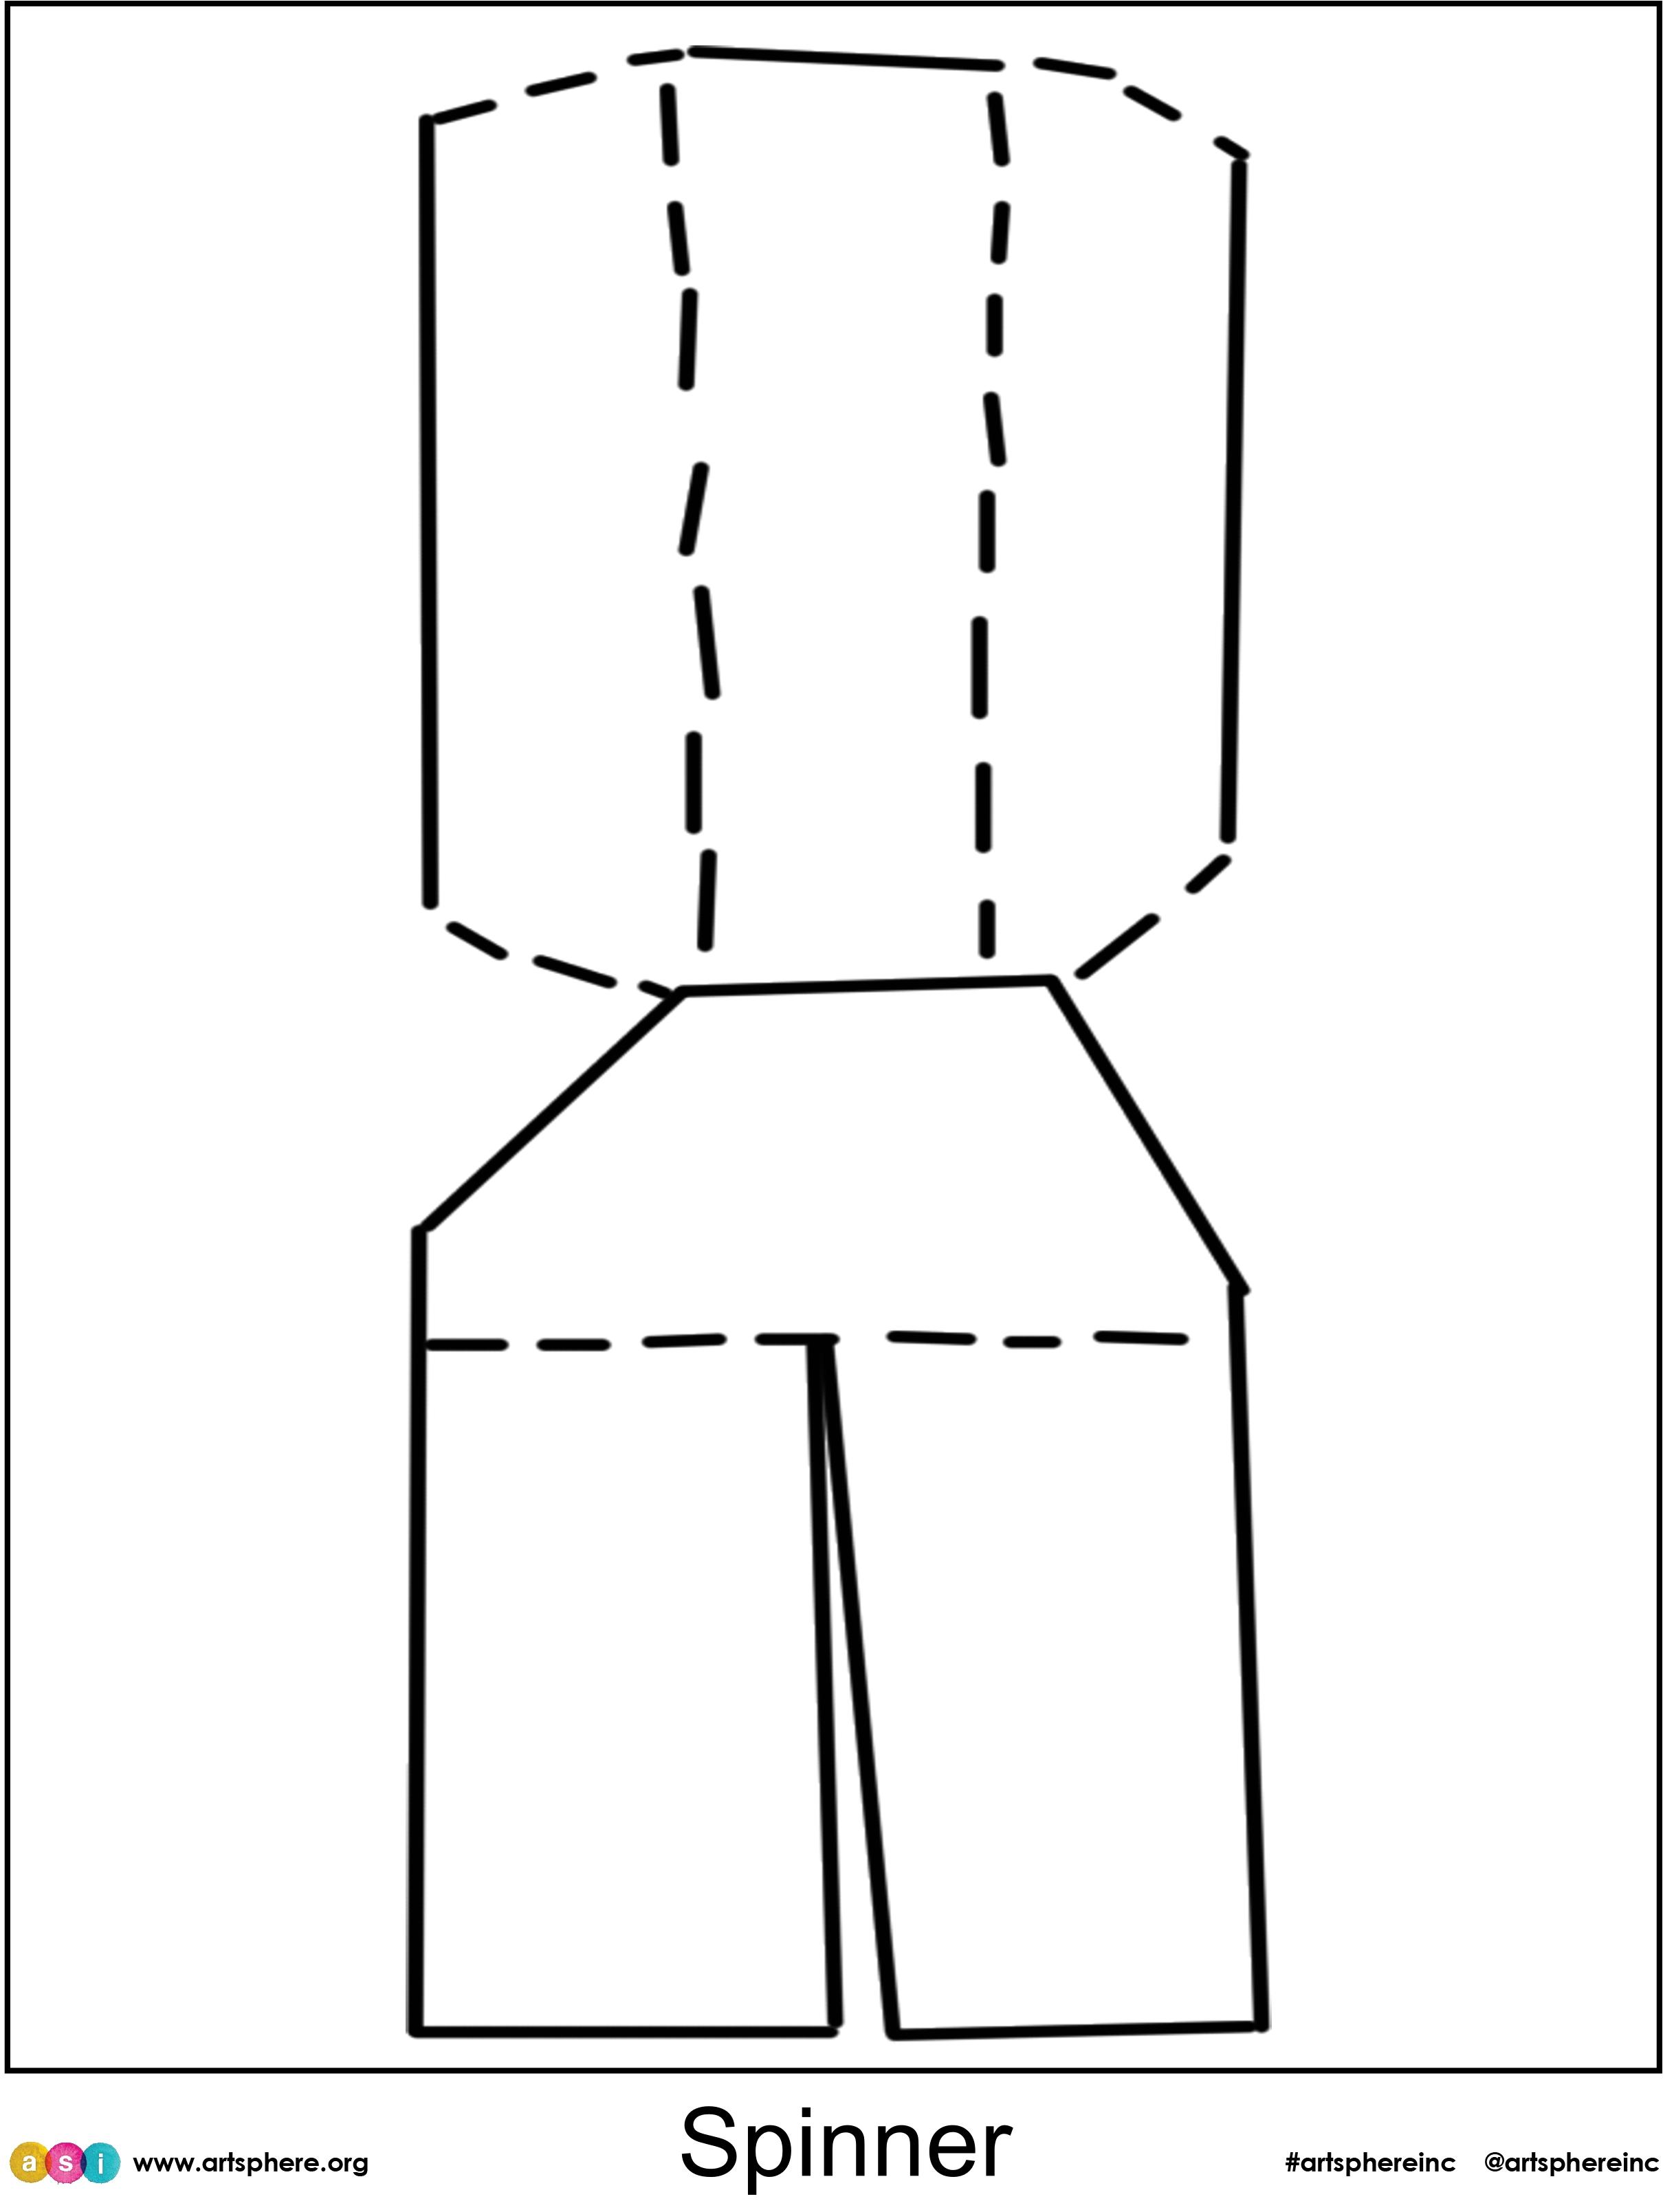 Spinner Cutout Handout